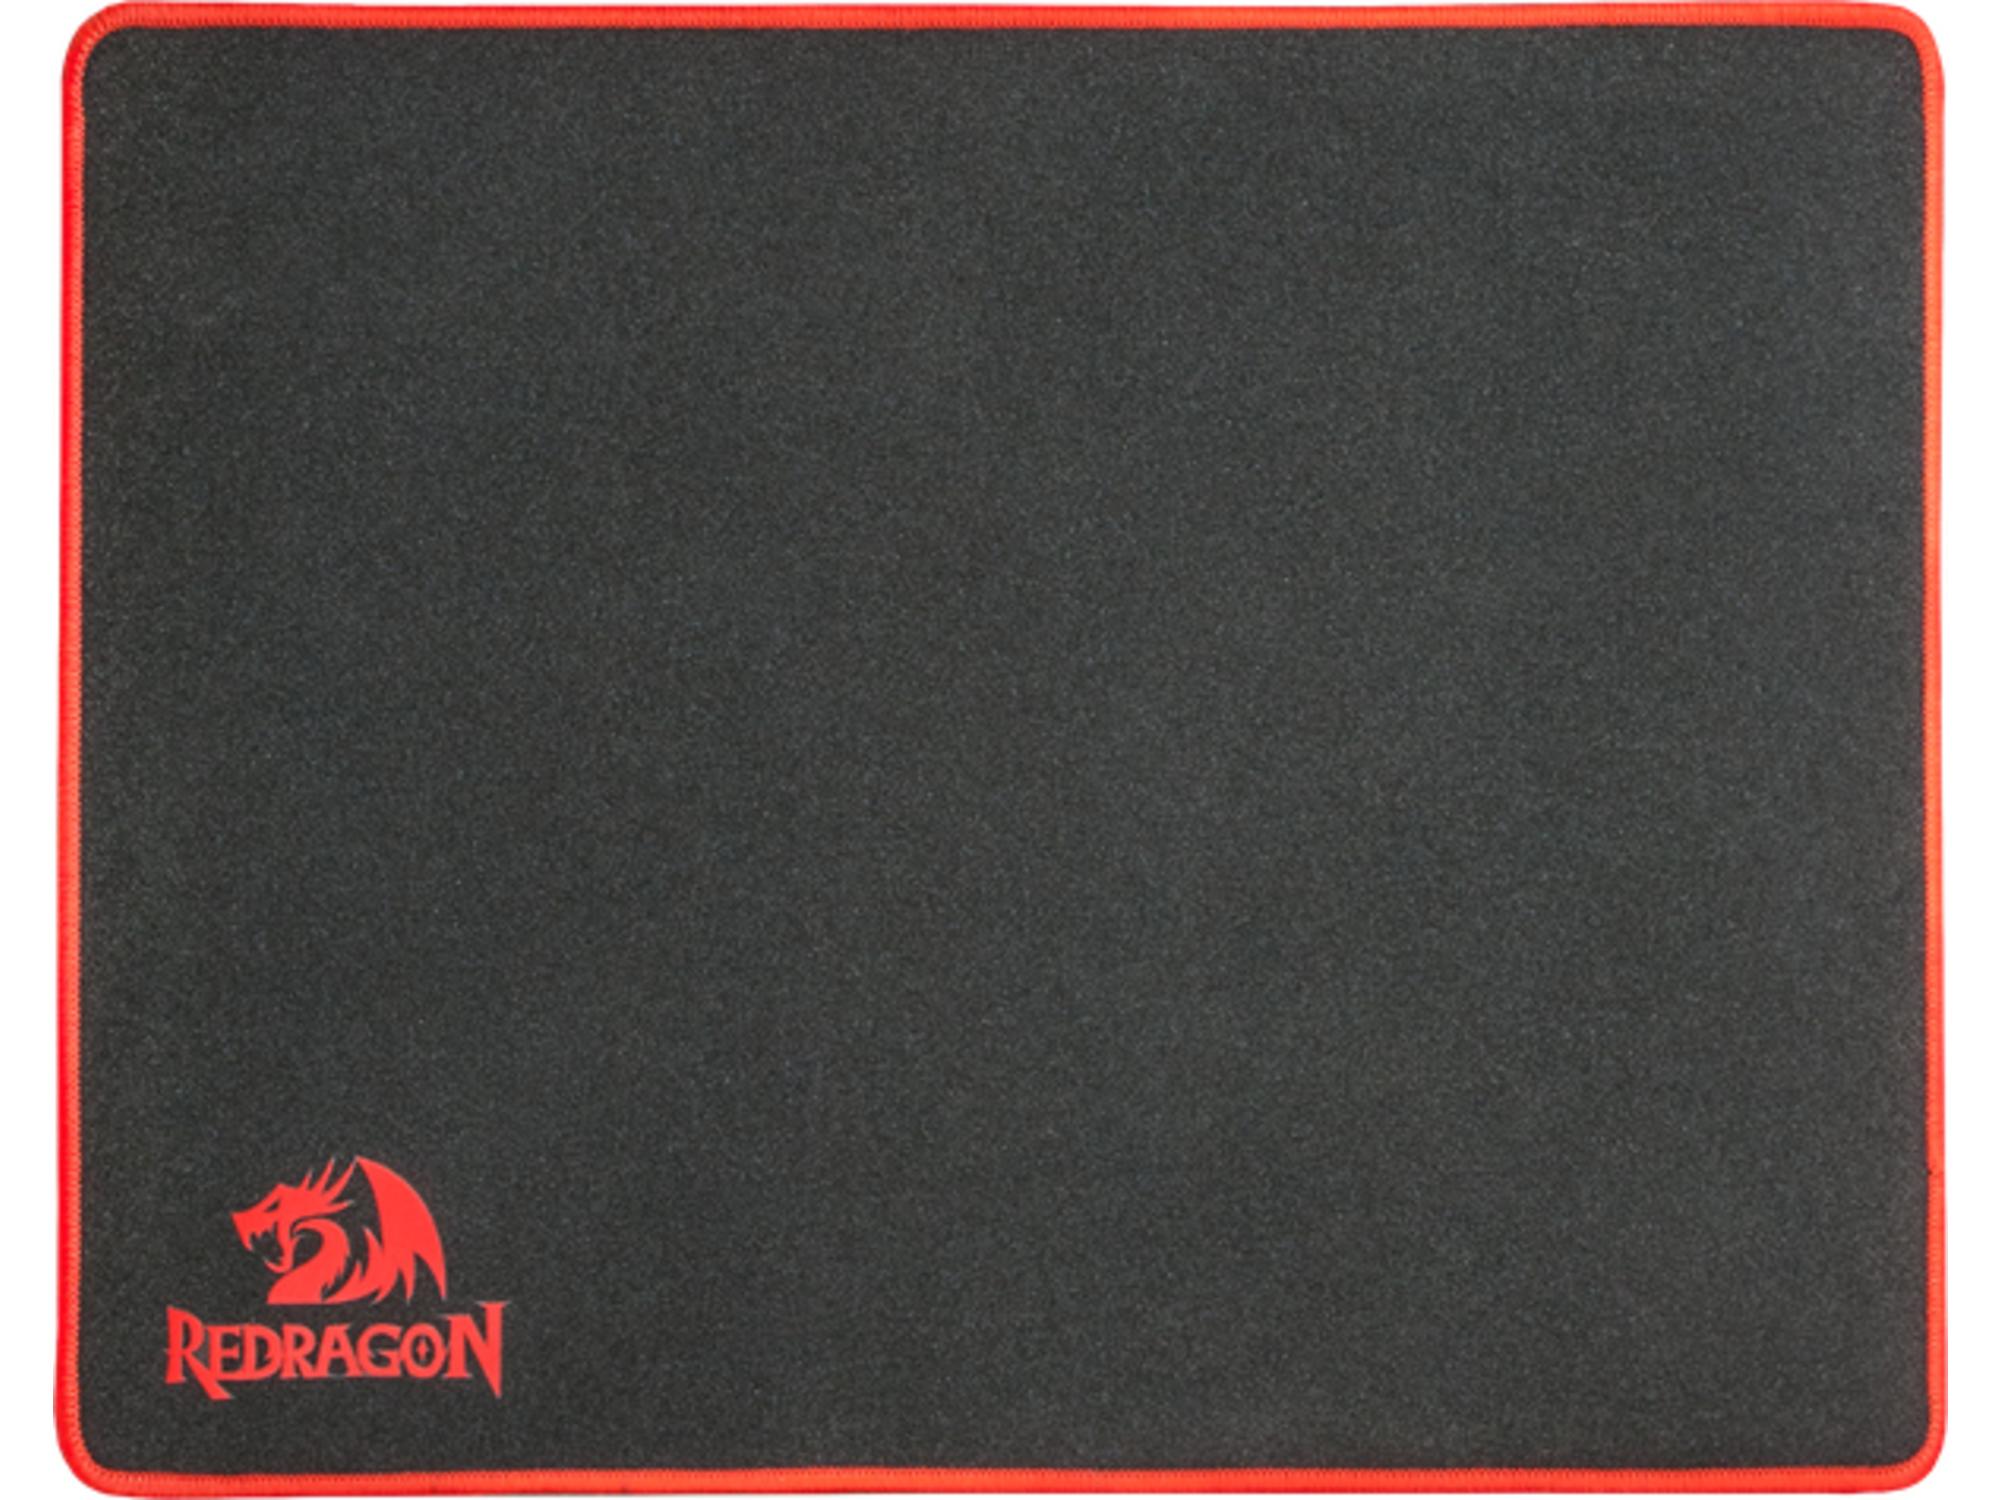 Redragon Archelon Mousepad L 27080